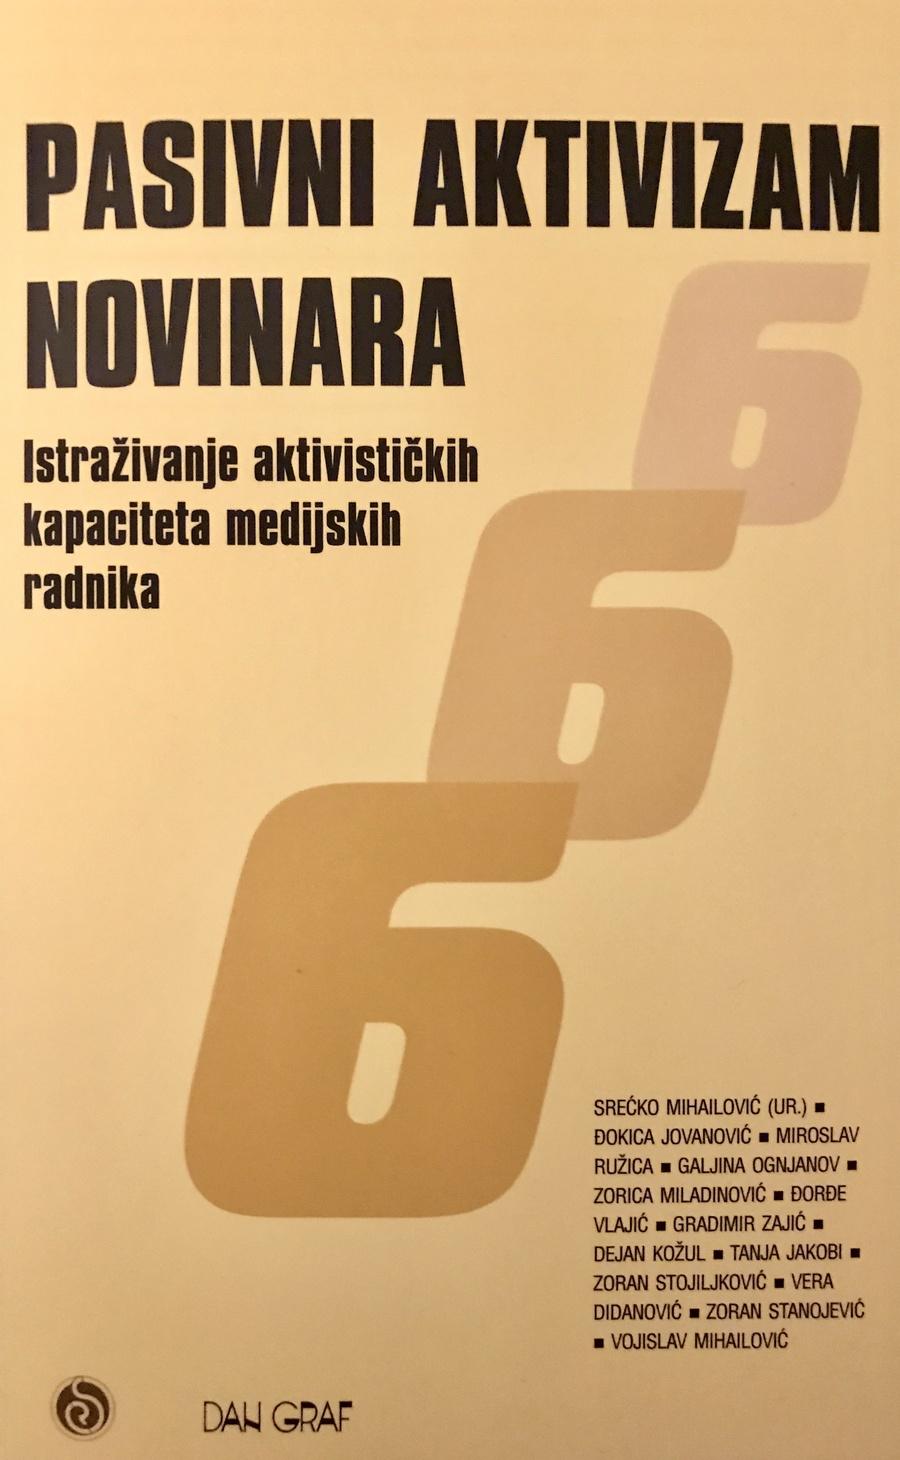 Pasivni aktivizam novinara - Istraživanje aktivističkih kapaciteta medijskih radnika